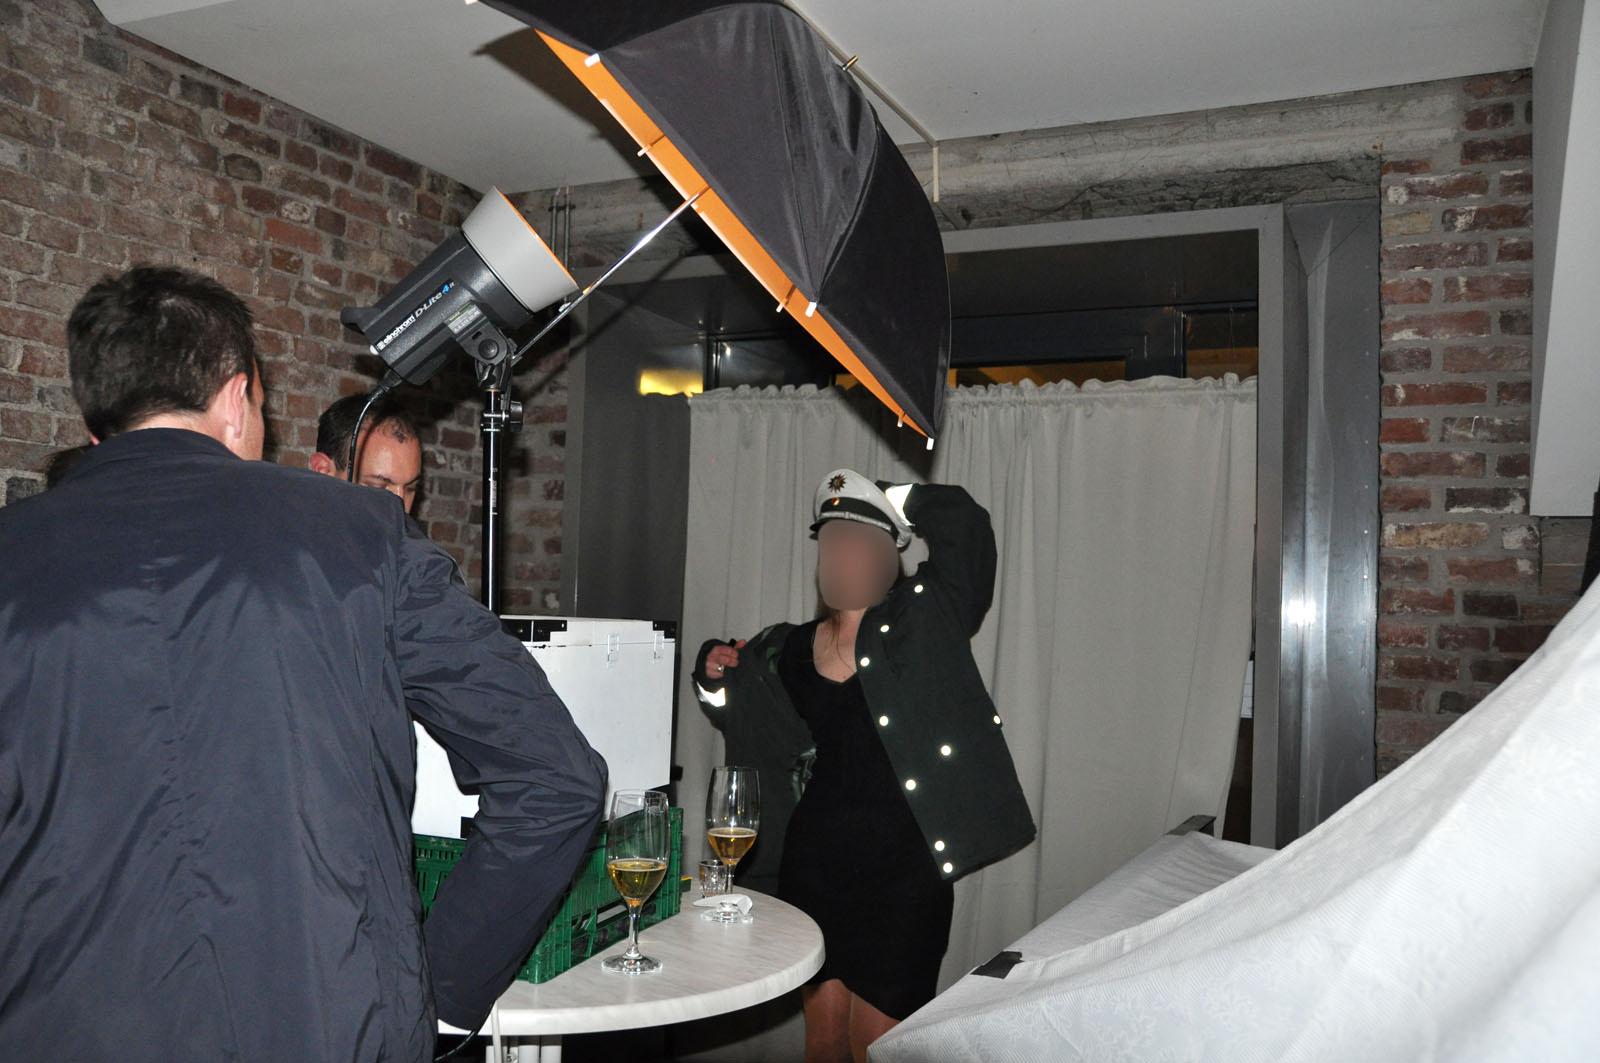 Spaß mit dem Photobooth bei einer Hochzeit in Duisburg